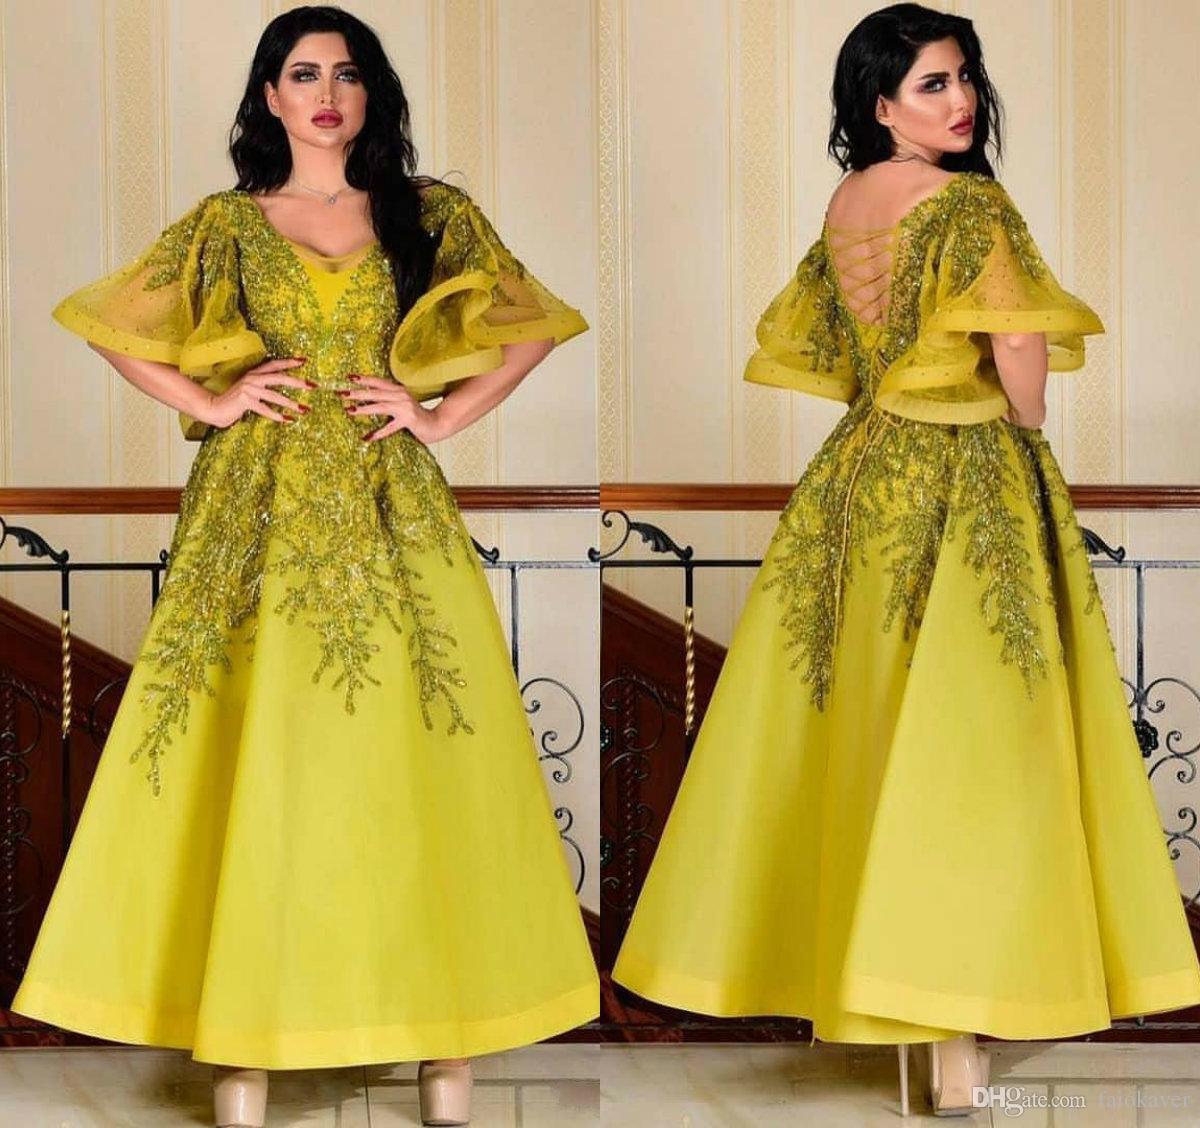 De luxe perlée 2019 robes de soirée arabes profonde col en v A-line longueur de plancher longueur manches courtes robes de bal à lacets dos formelle robes de soirée